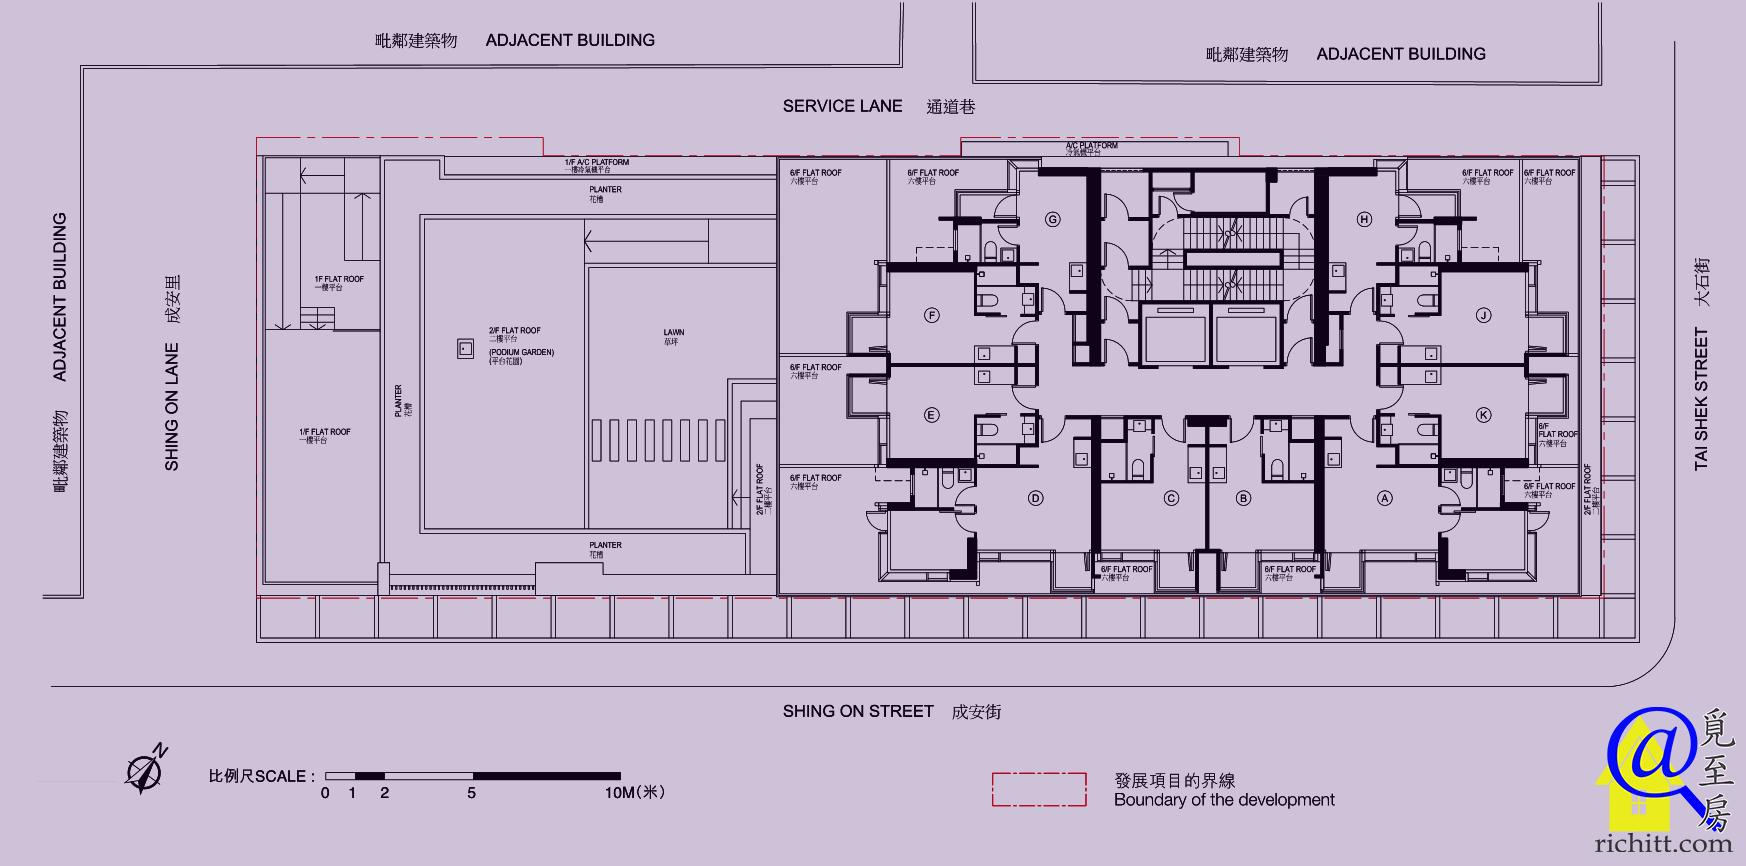 柏匯布局圖